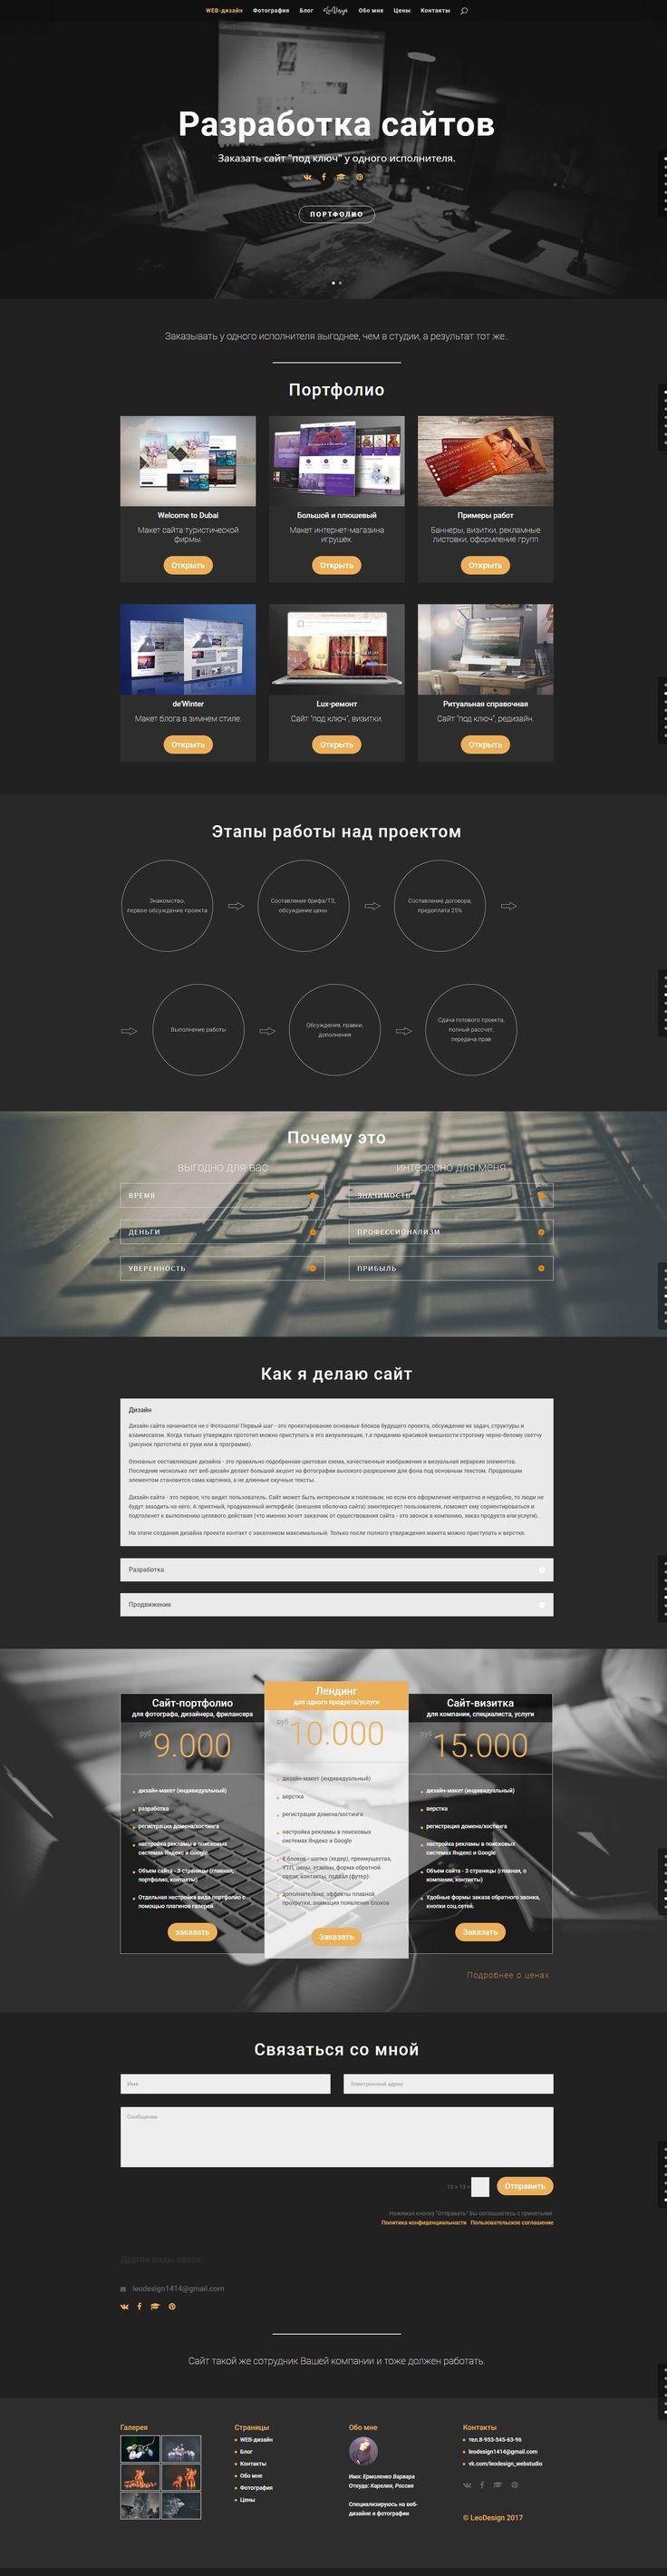 Веб дизайн макет сайта